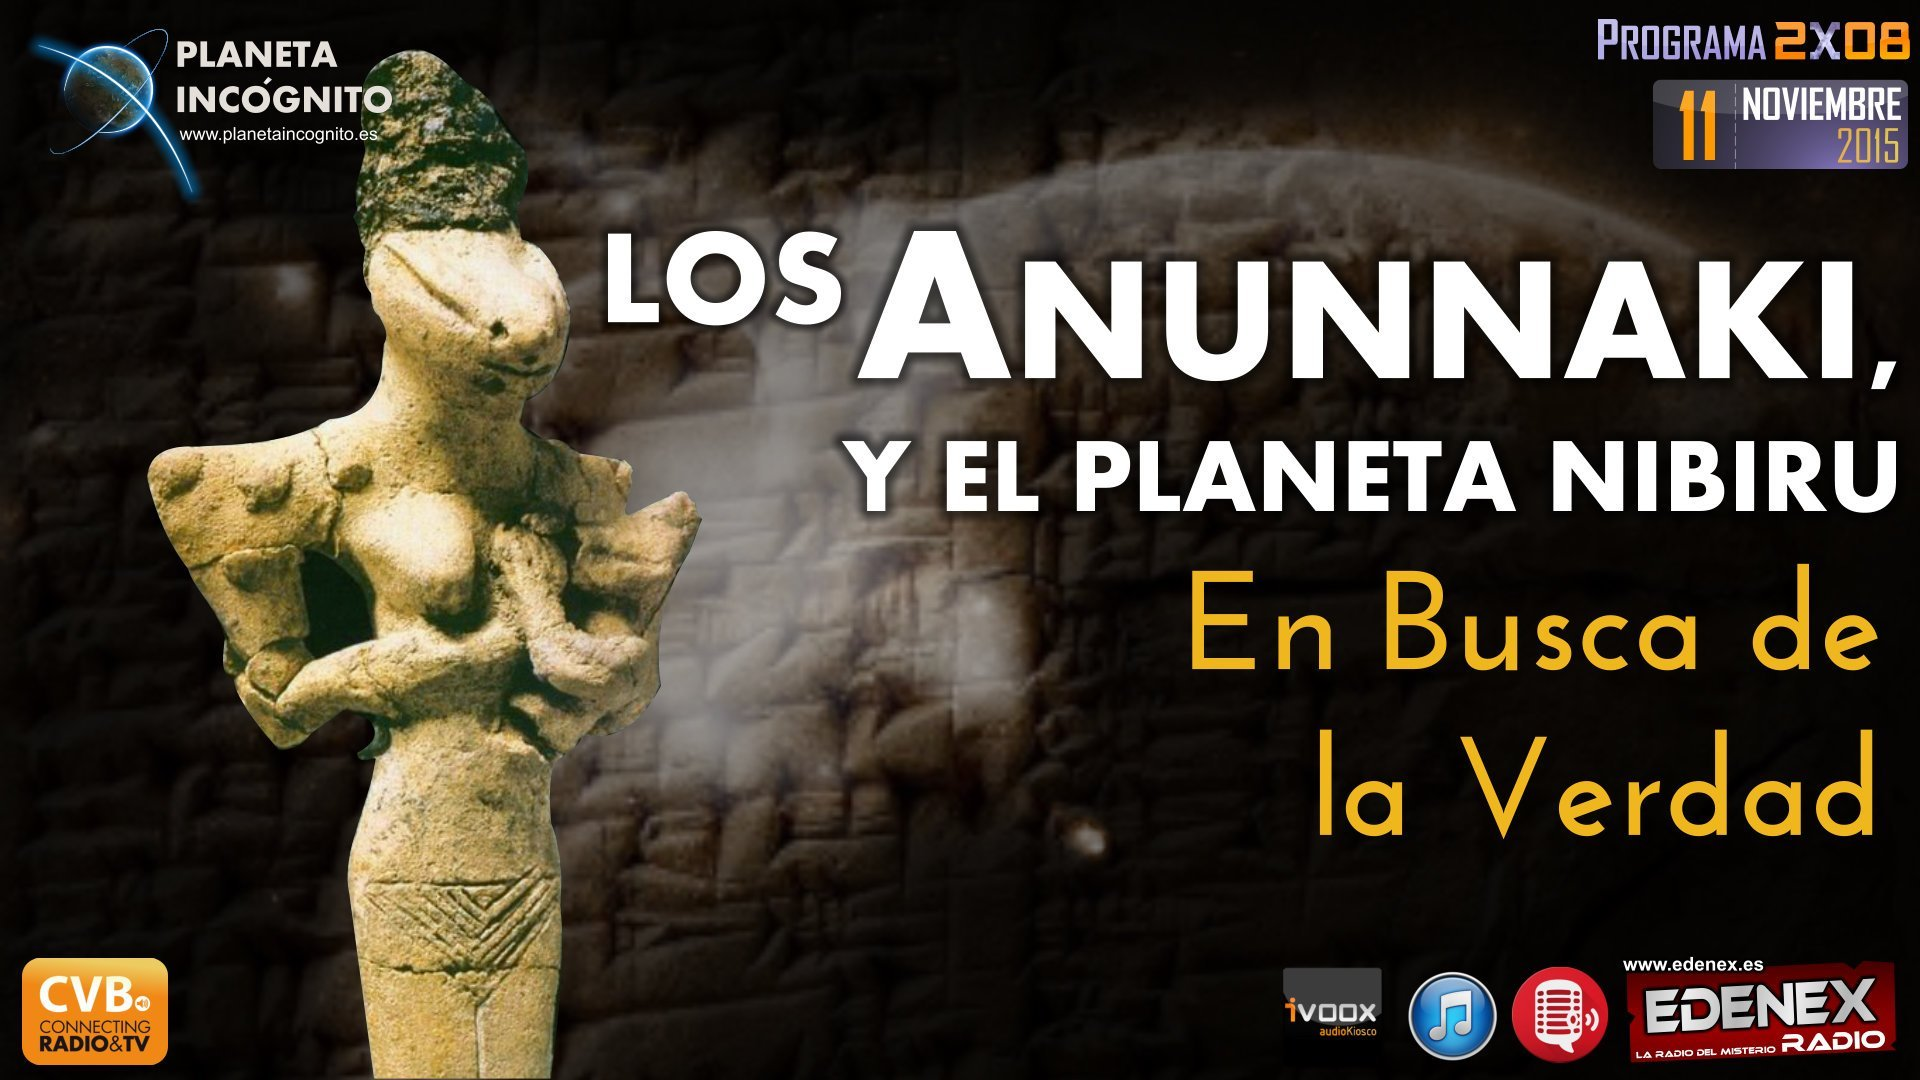 Programa 2x08 Los Anunnaki y el planeta Nibiru. En Busca de la Verdad 6